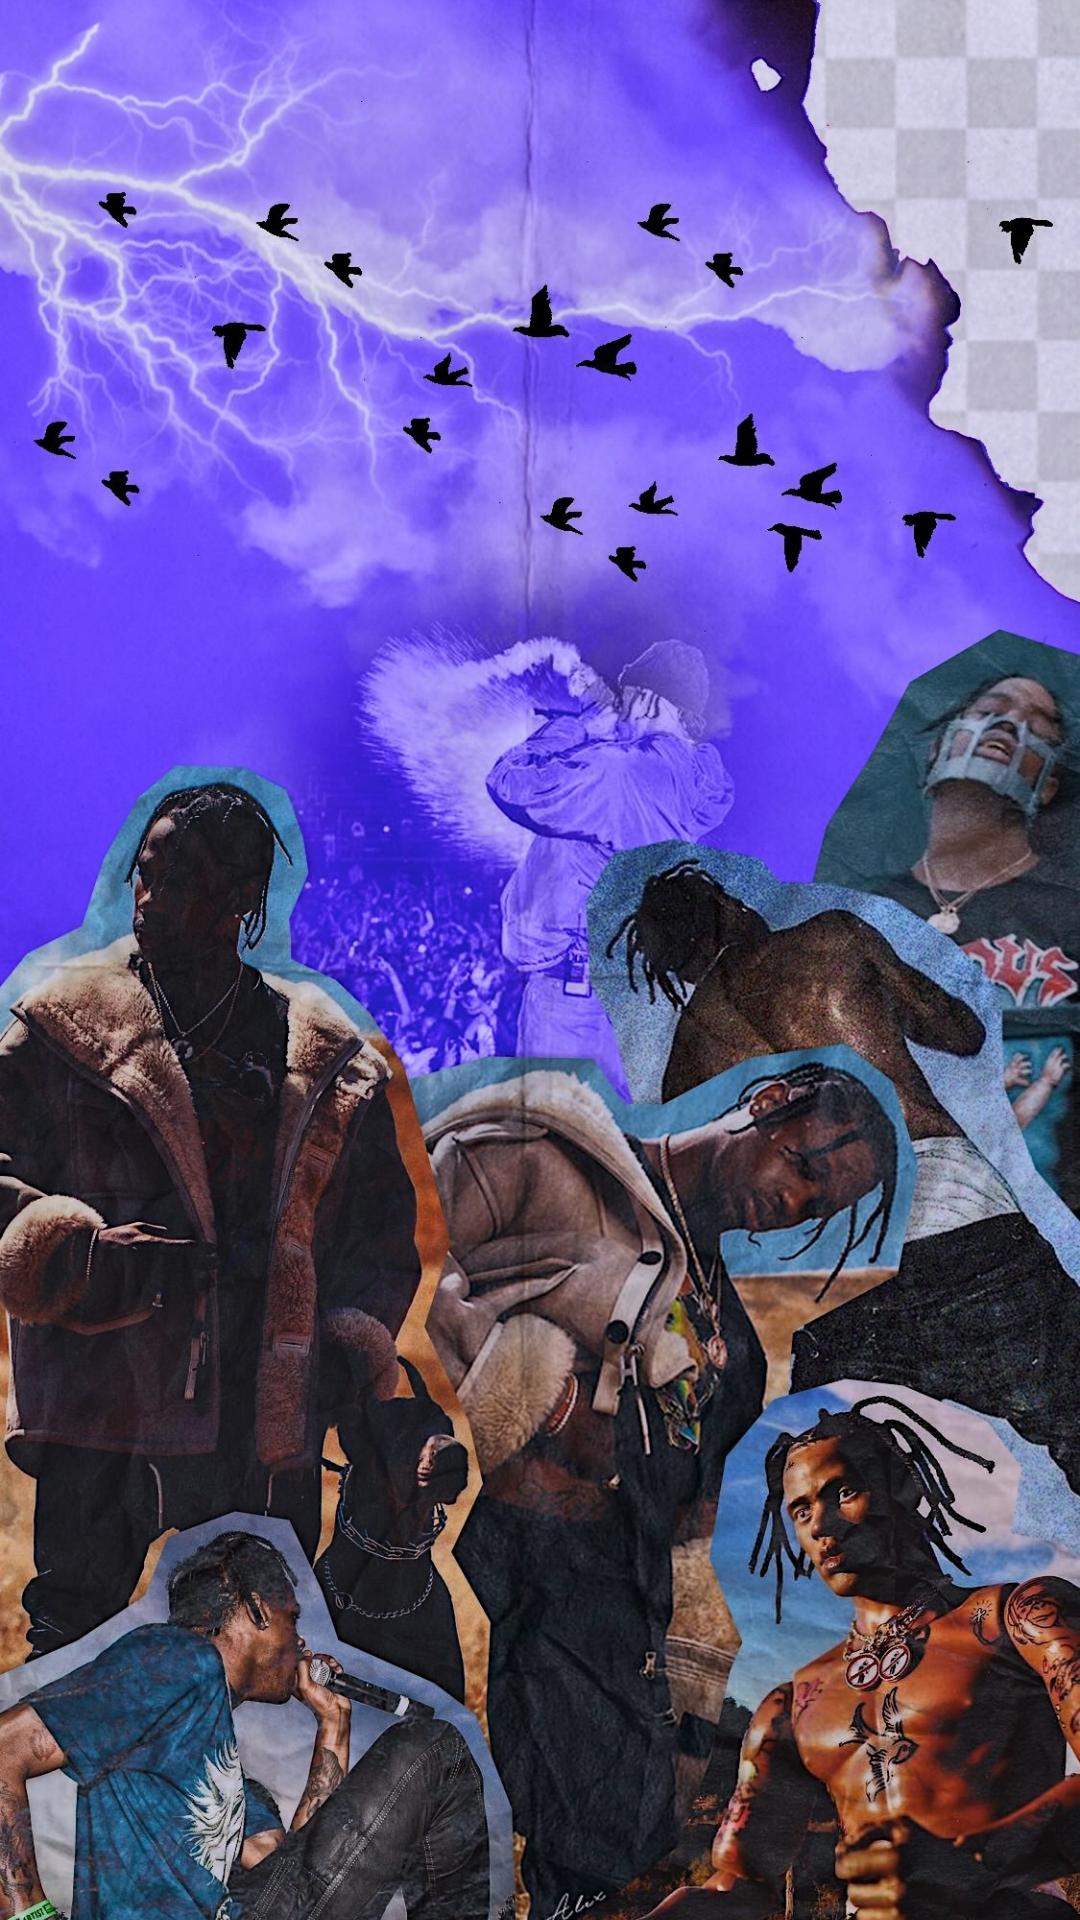 download art] Days Before Rodeo themed wallpaper travisscott 1080x1920